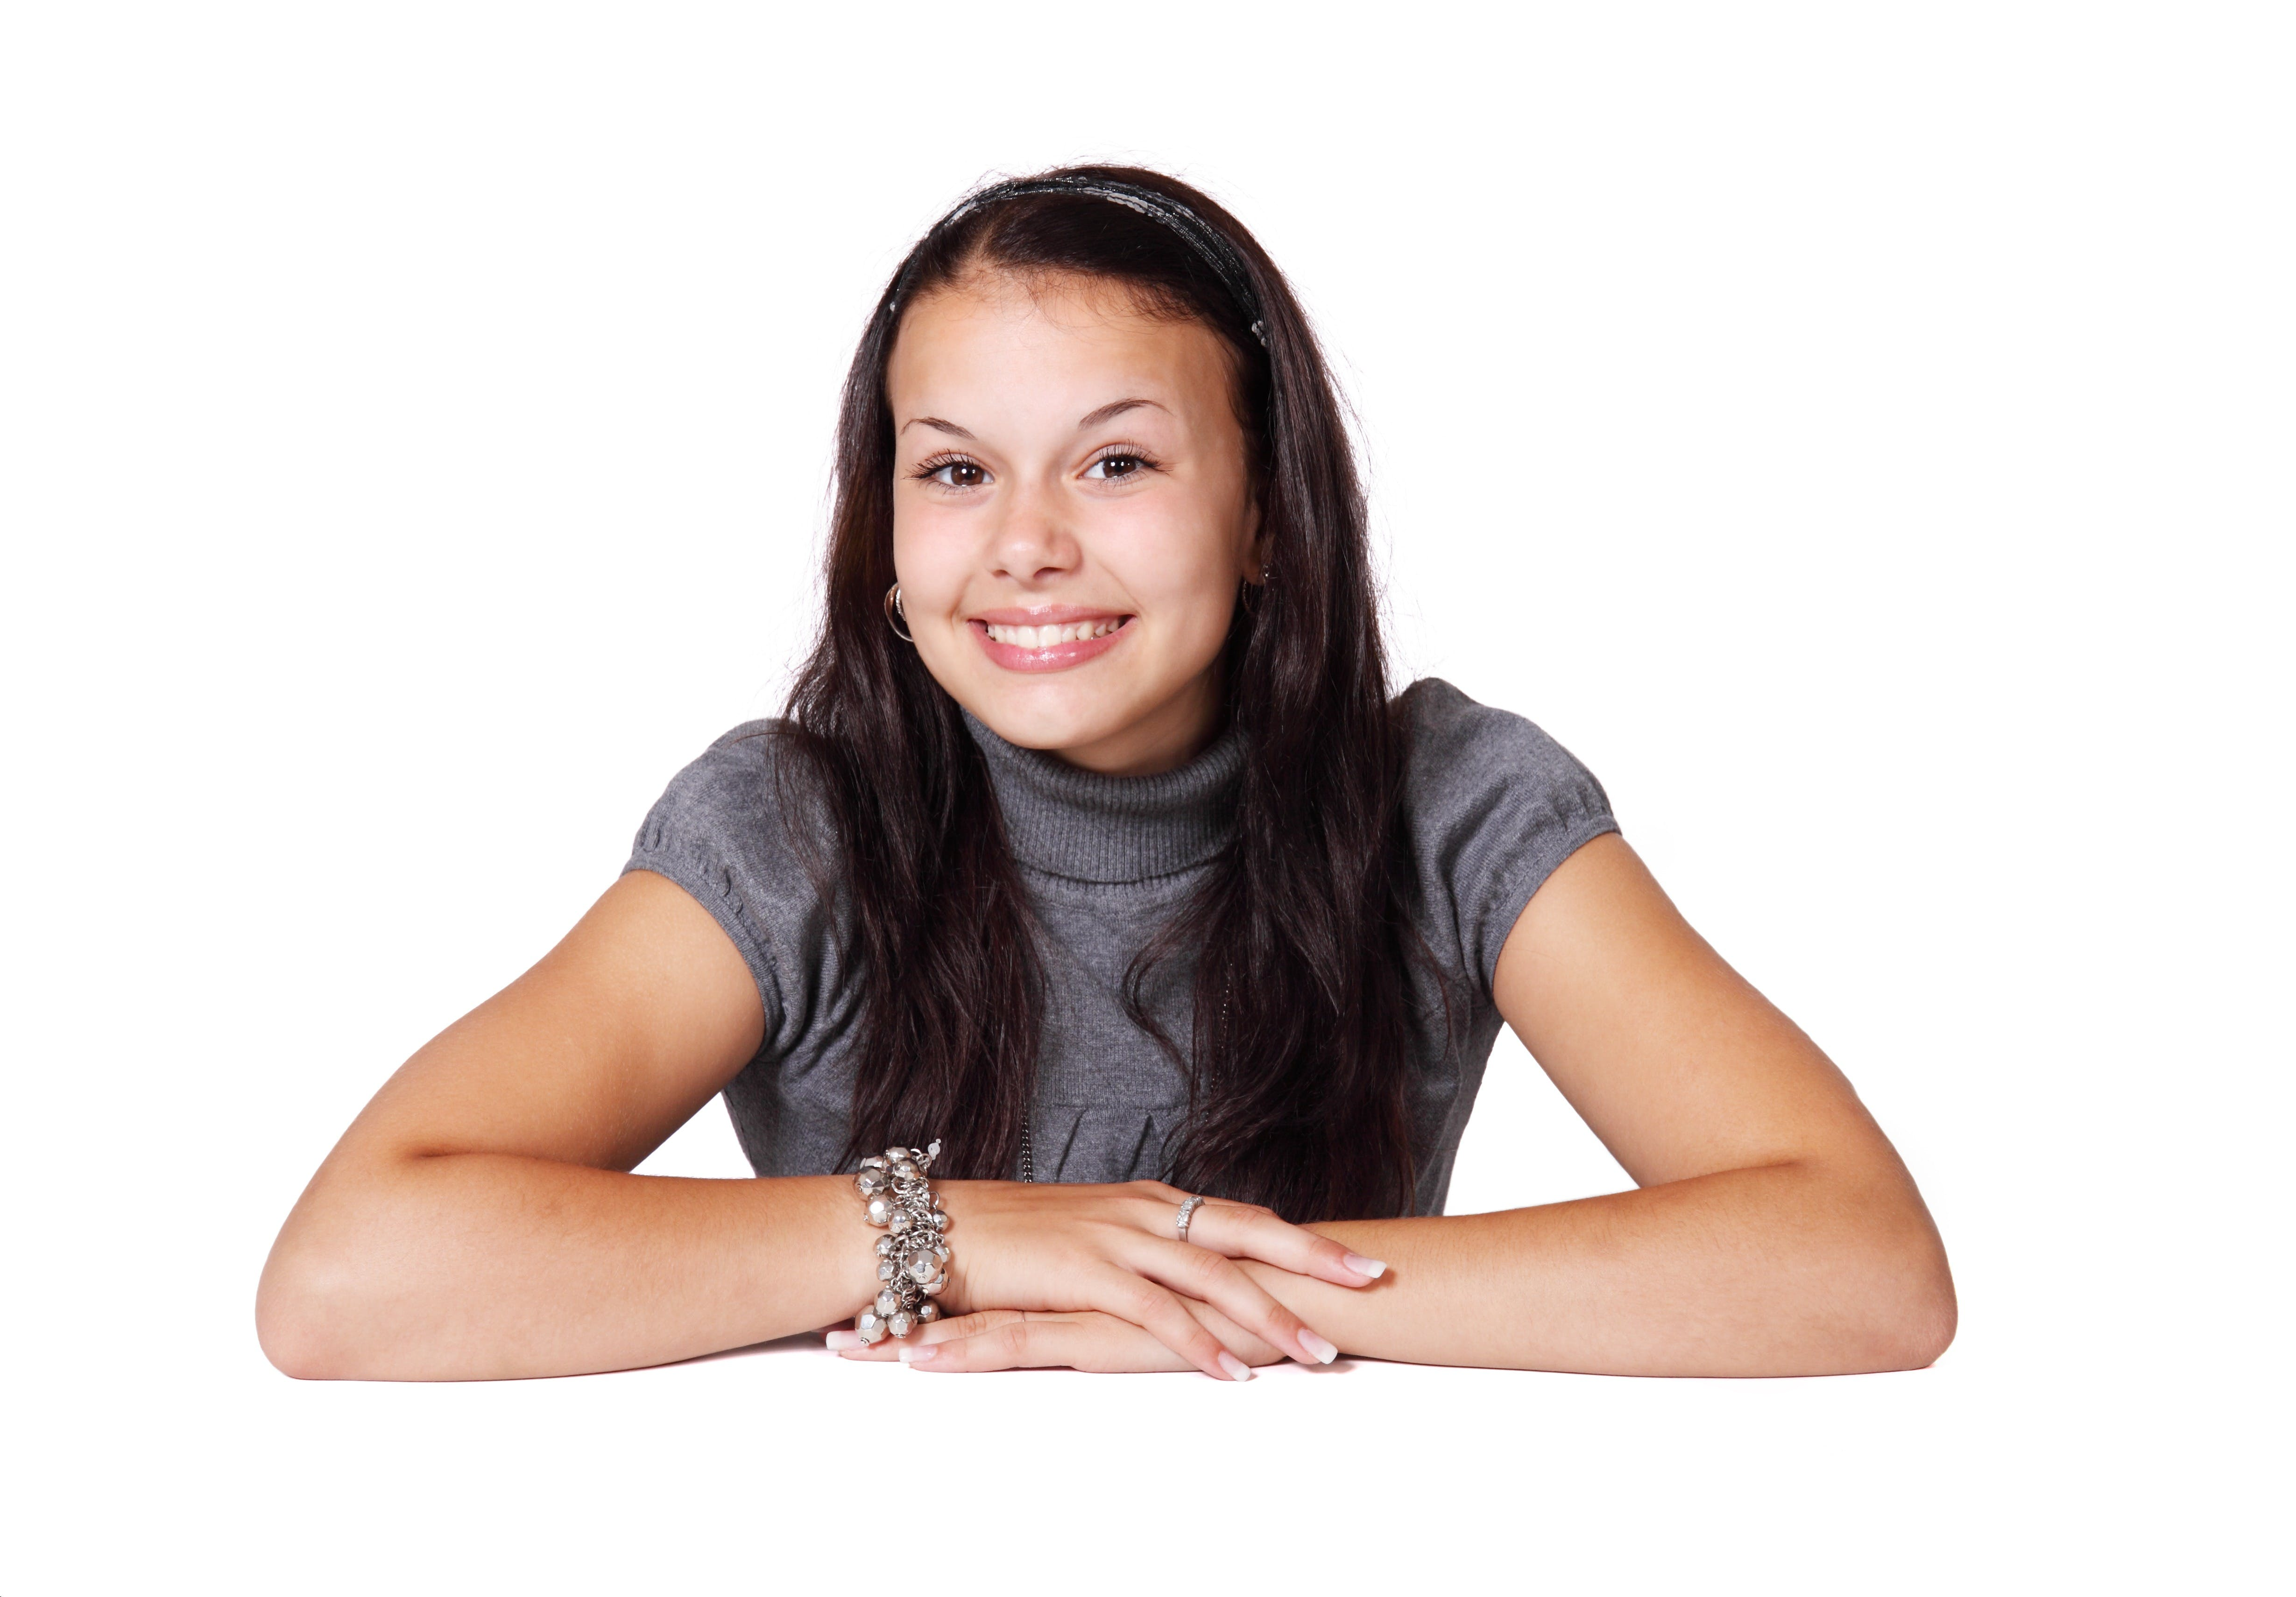 Smiling Brunette Girl in Gray